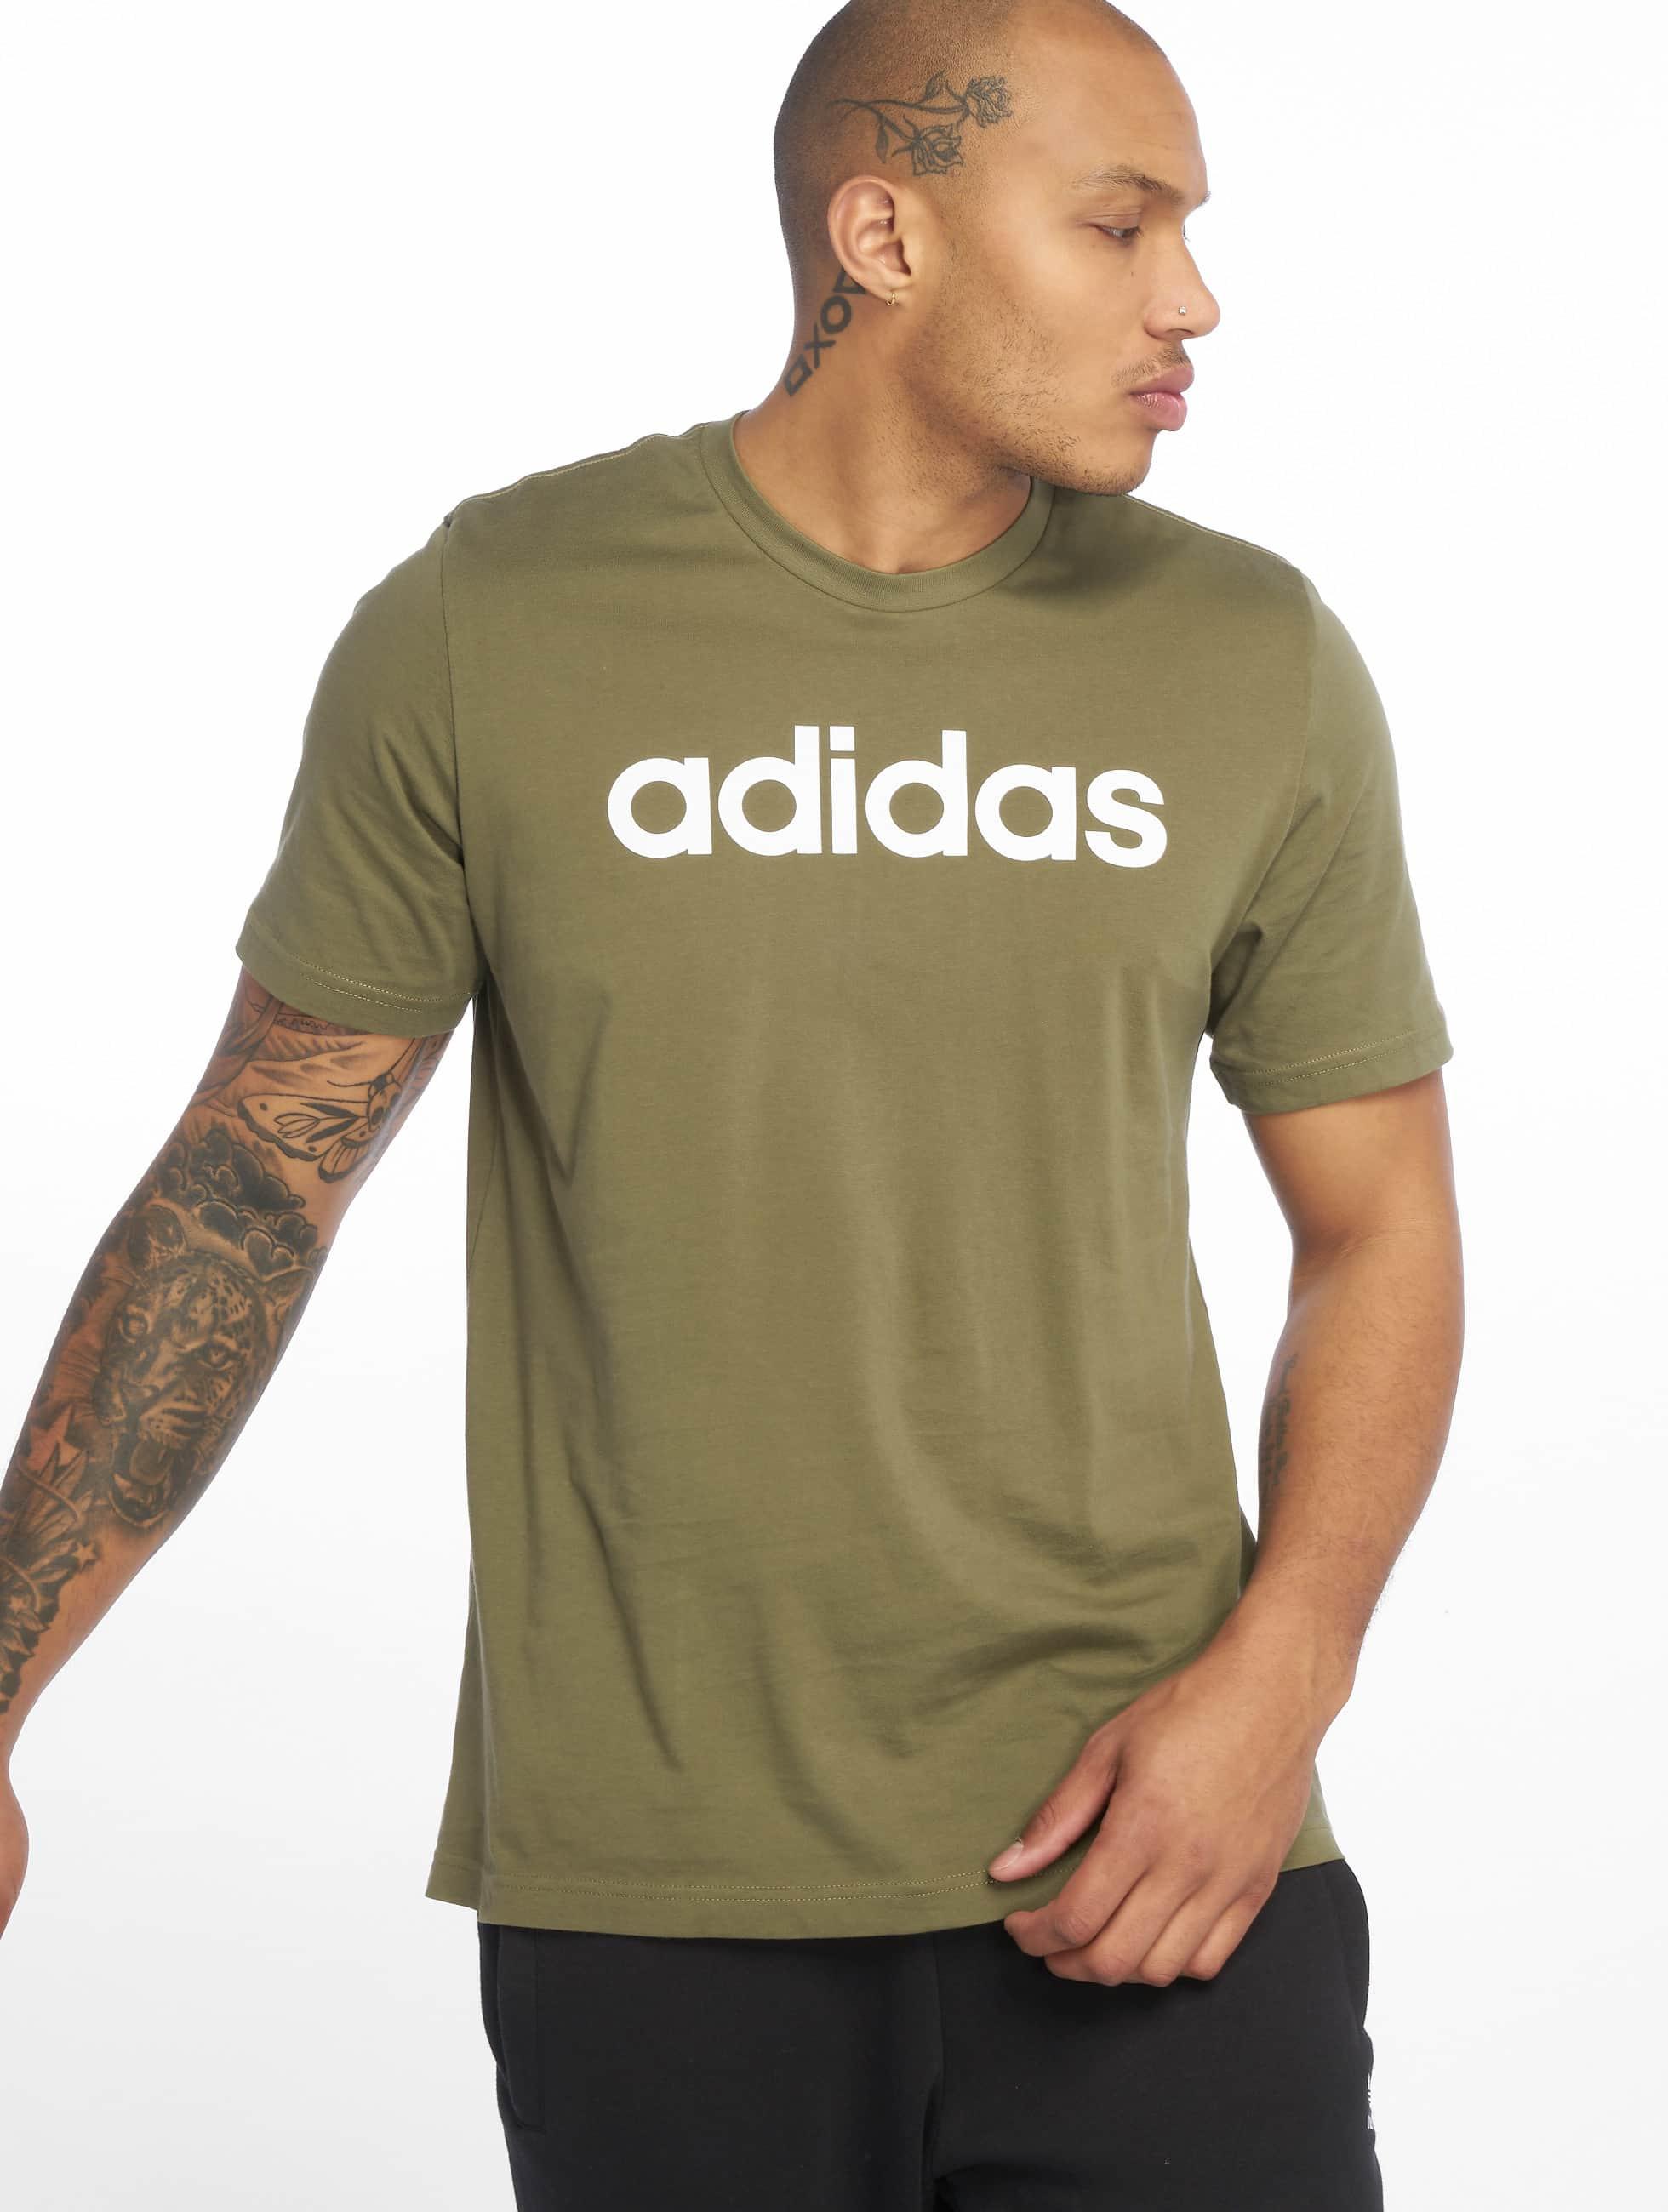 adidas t shirt khaki